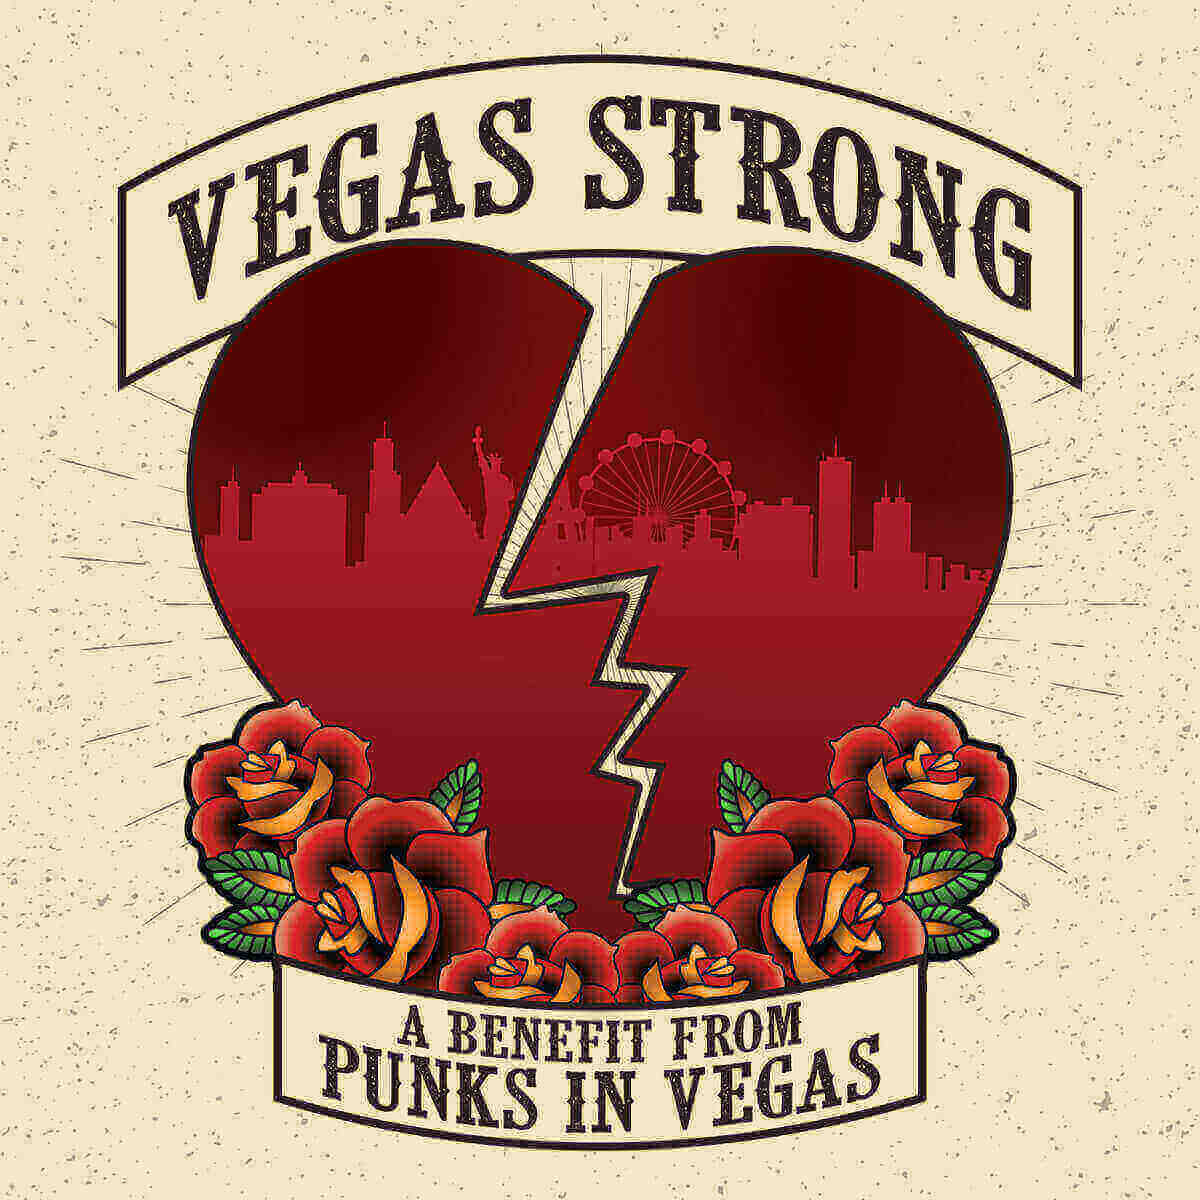 Punks in Vegas